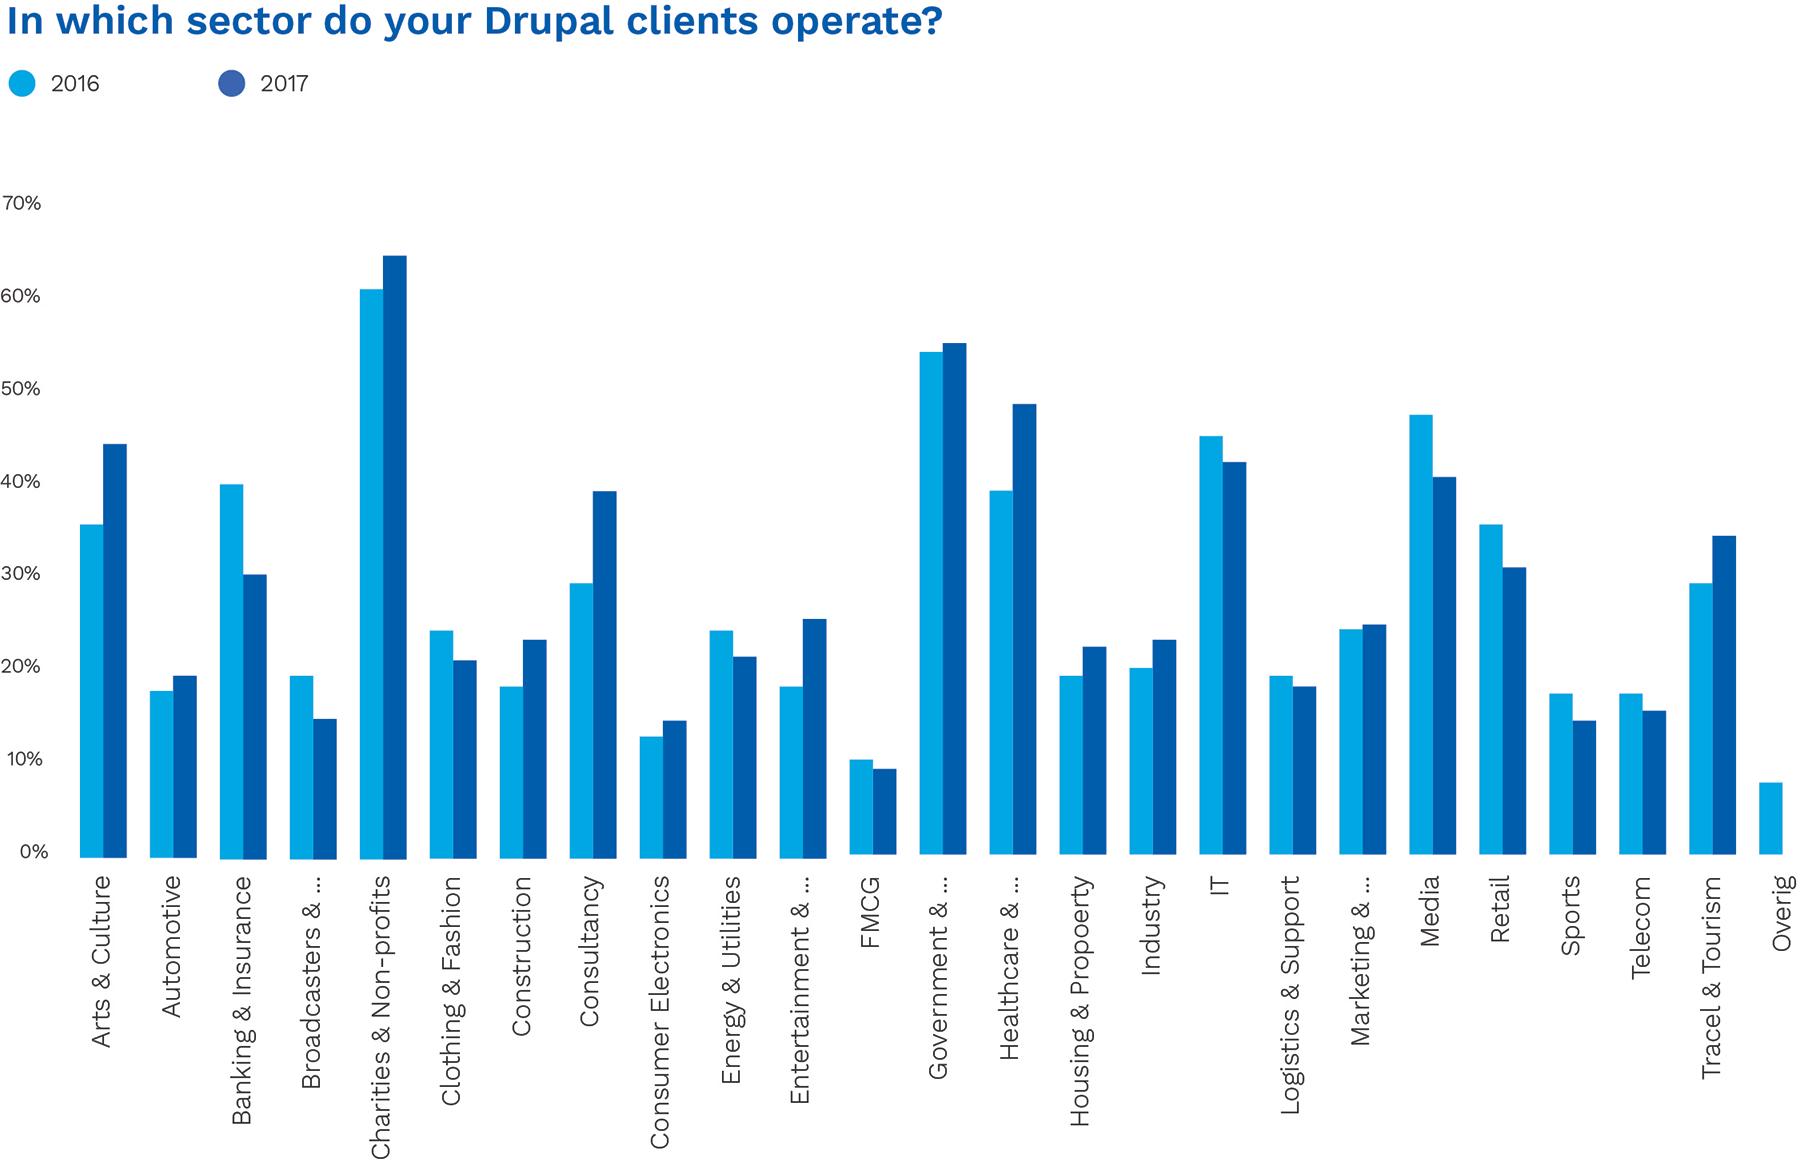 Drupal client sectors